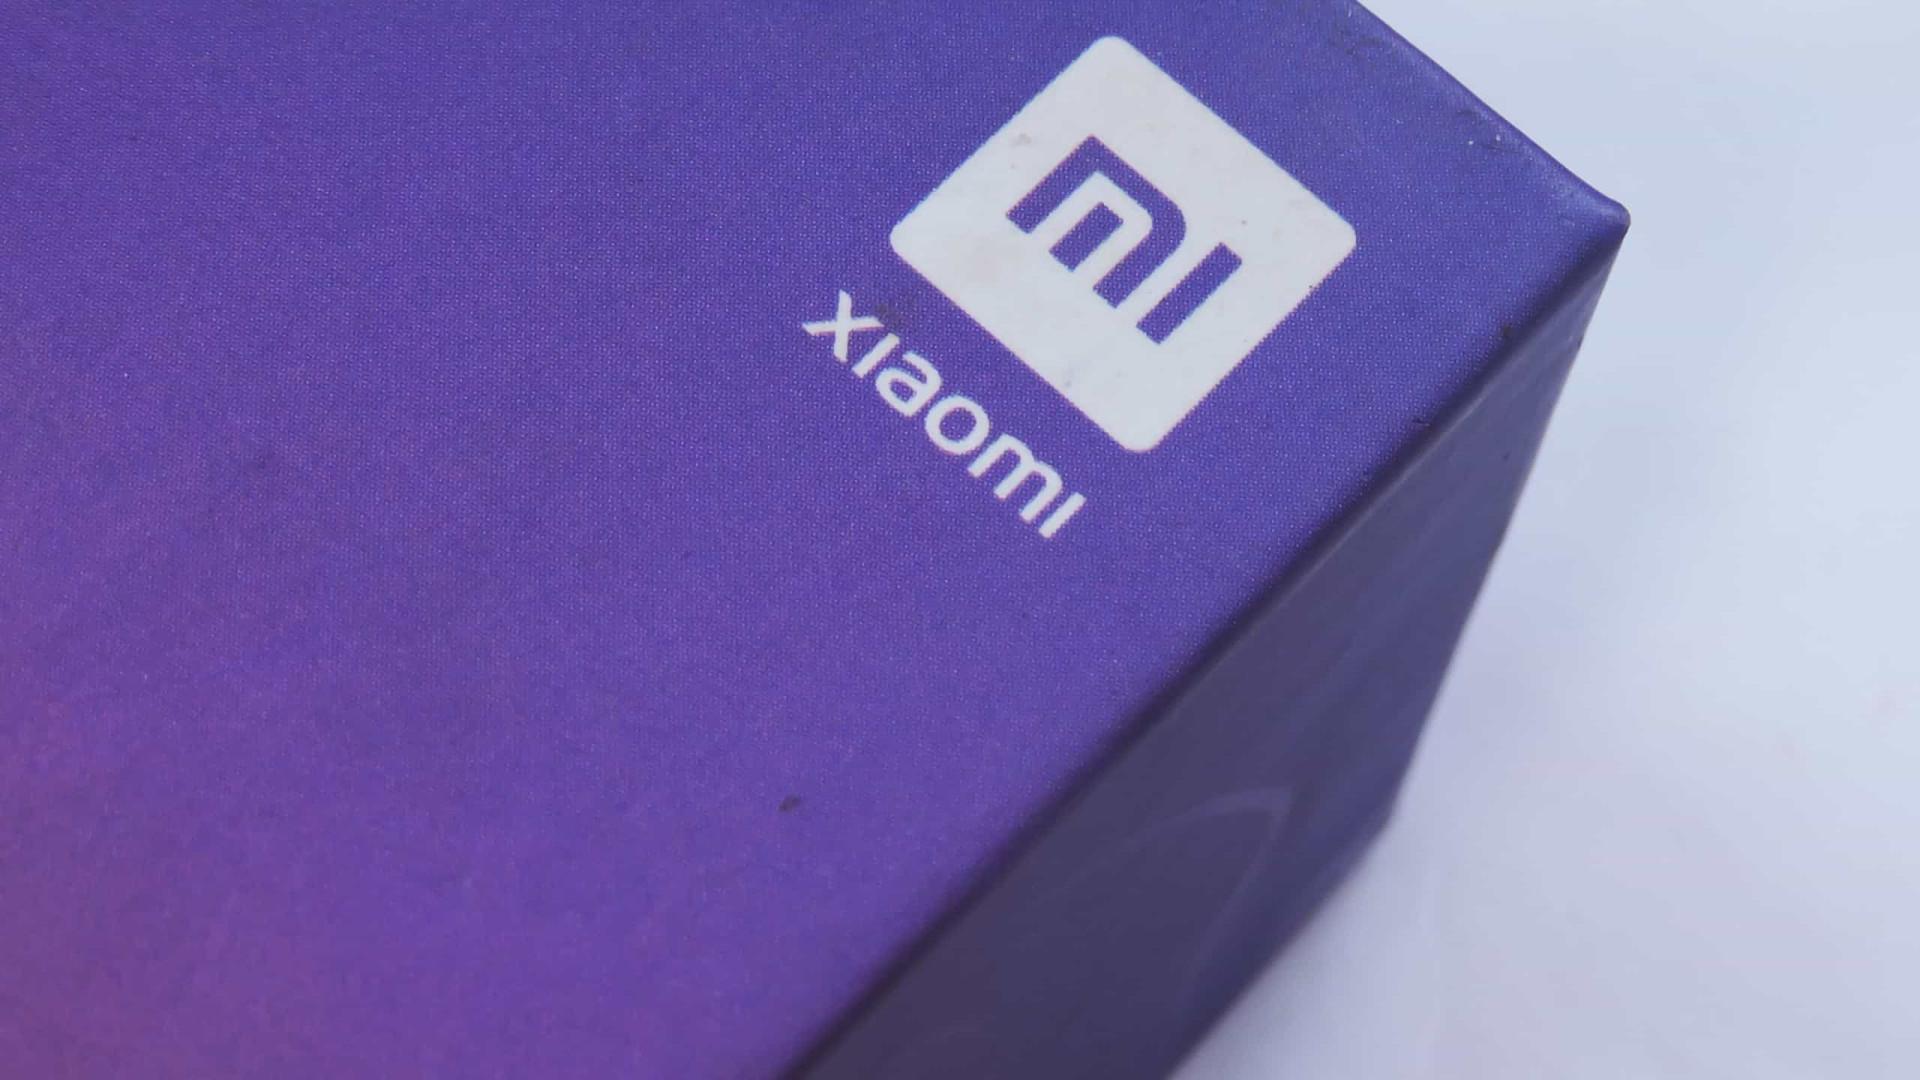 EUA retiram Xiaomi de lista negra e ação da empresa salta em Hong Kong